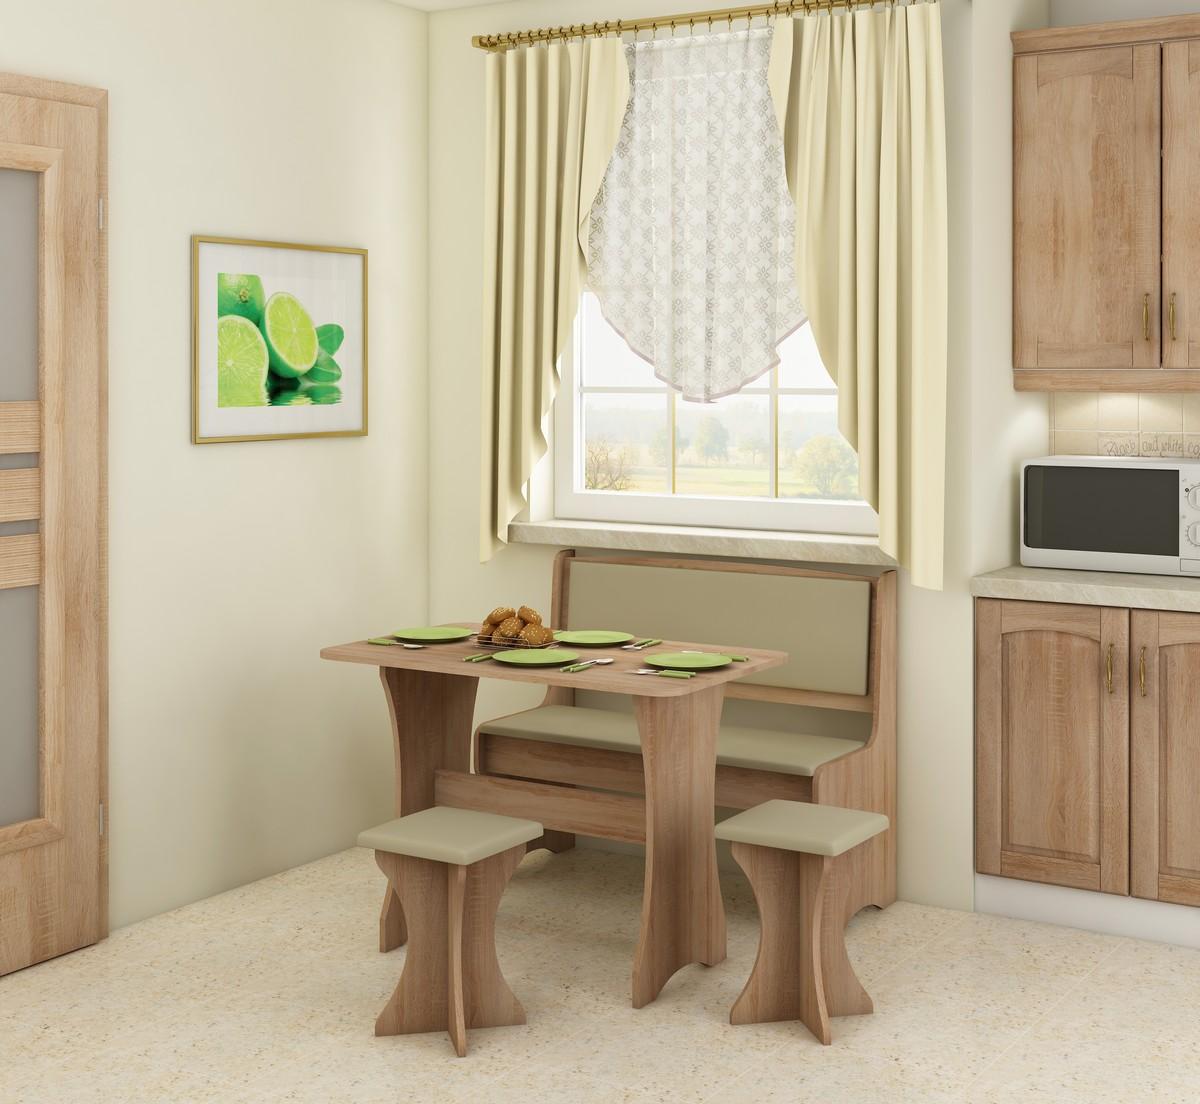 Jedálenský set - WIP - dub sonoma svetlá + ekokoža béžová (s taburetkami) (pre 4 osoby). Sme autorizovaný predajca WIP. Vlastná spoľahlivá doprava až k Vám domov.